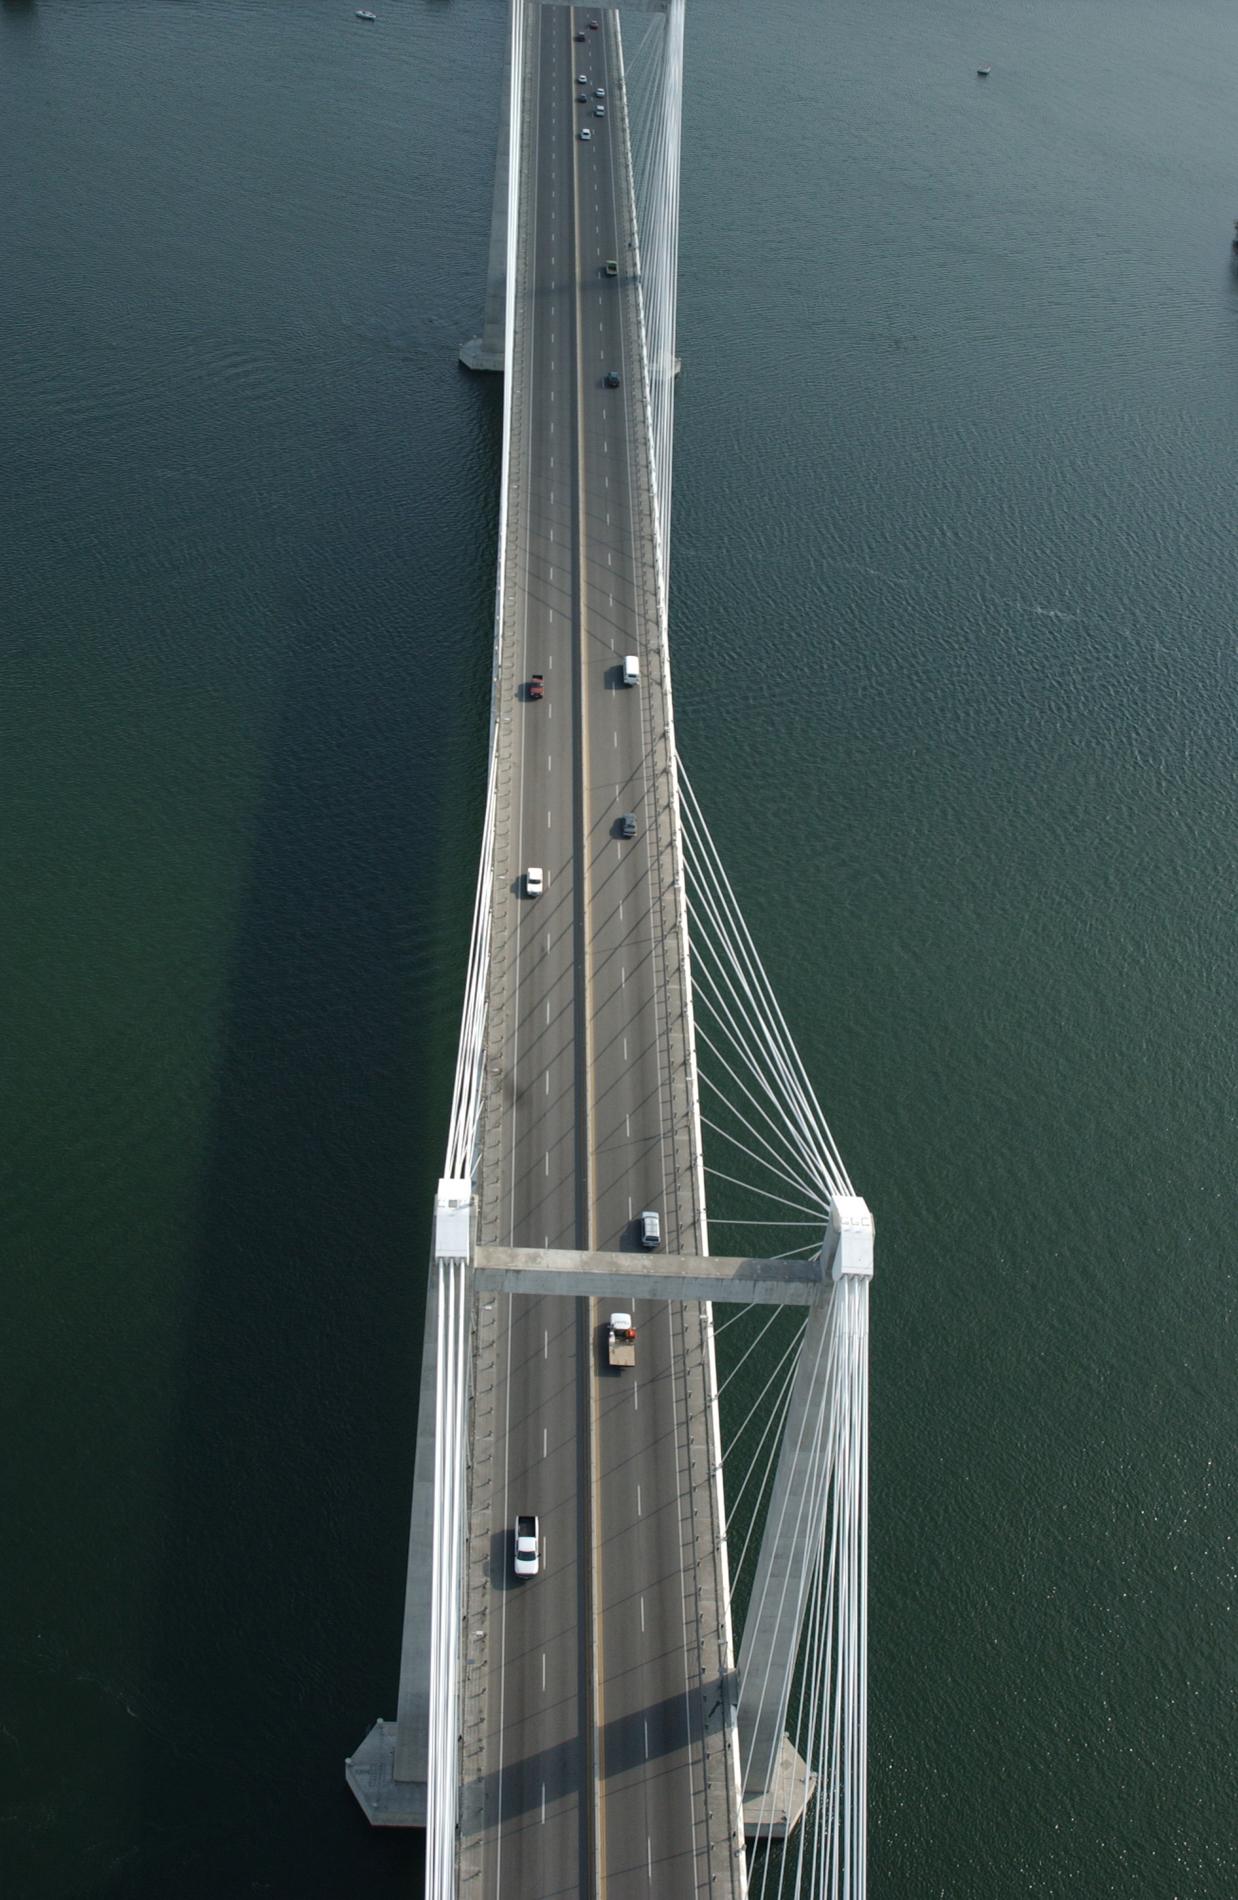 The Cable Bridge